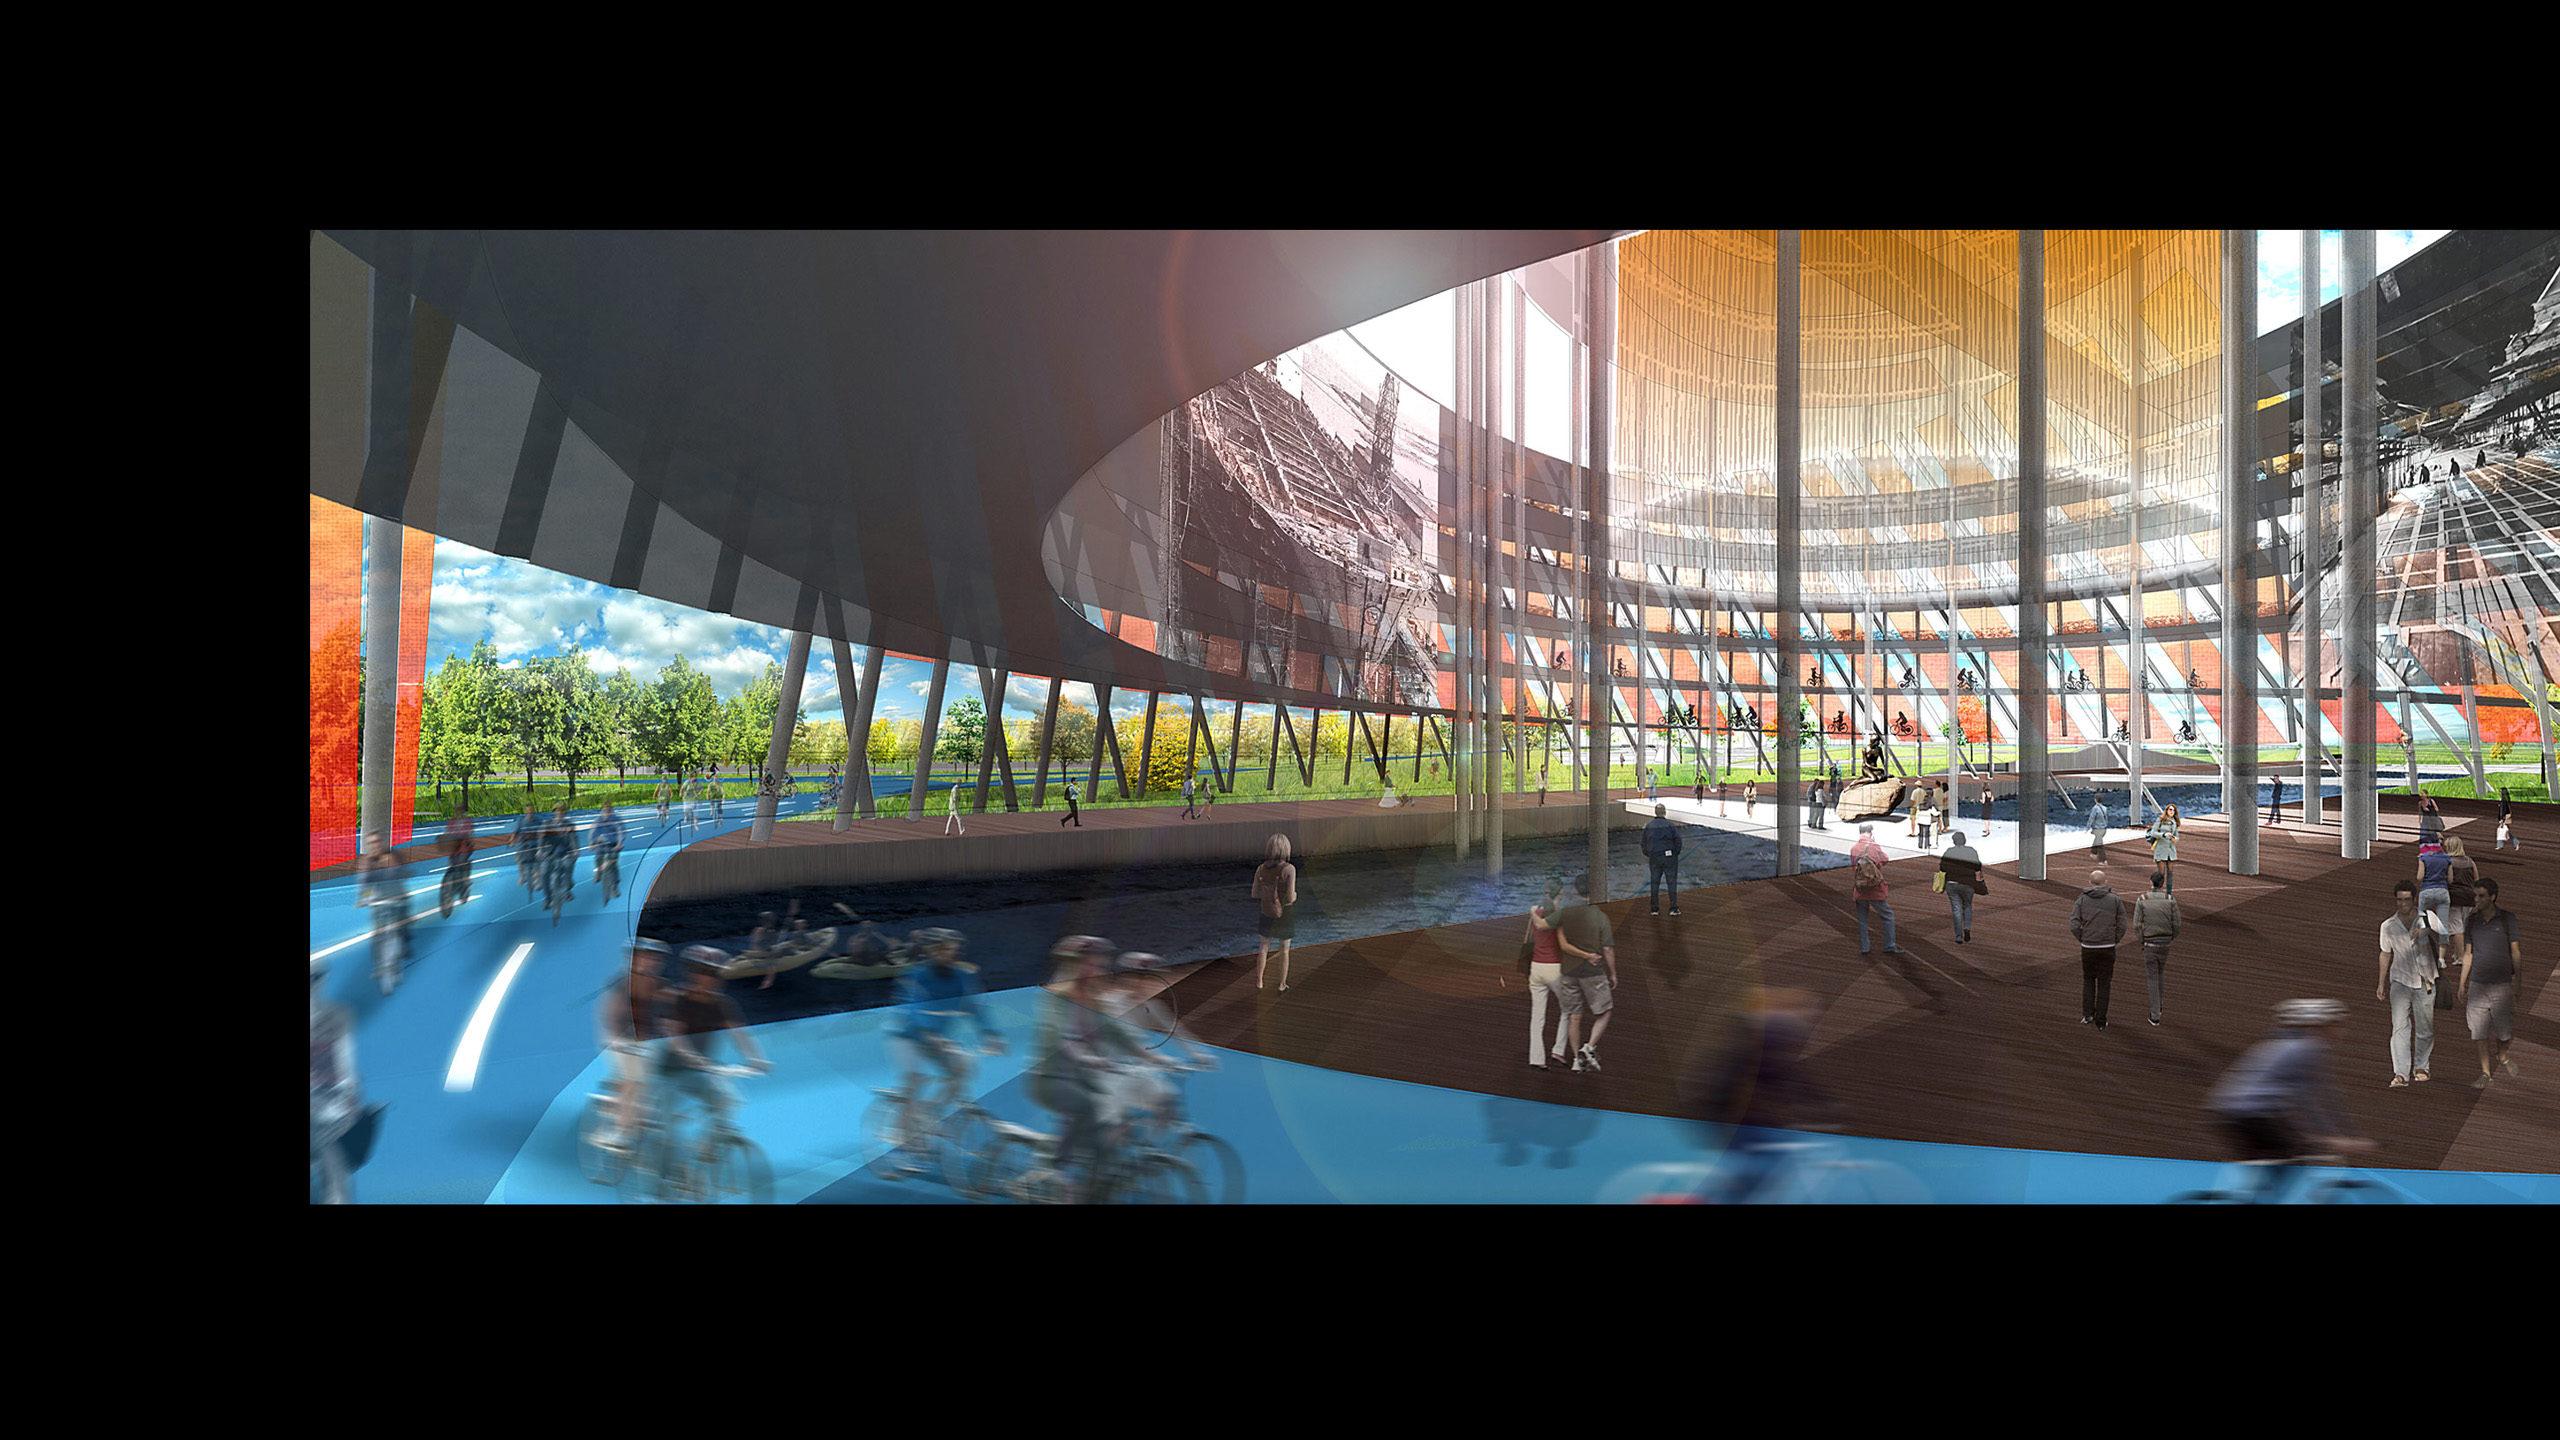 Refshaleoen Redevelopment: Motion Actuation Urban Design / image 5